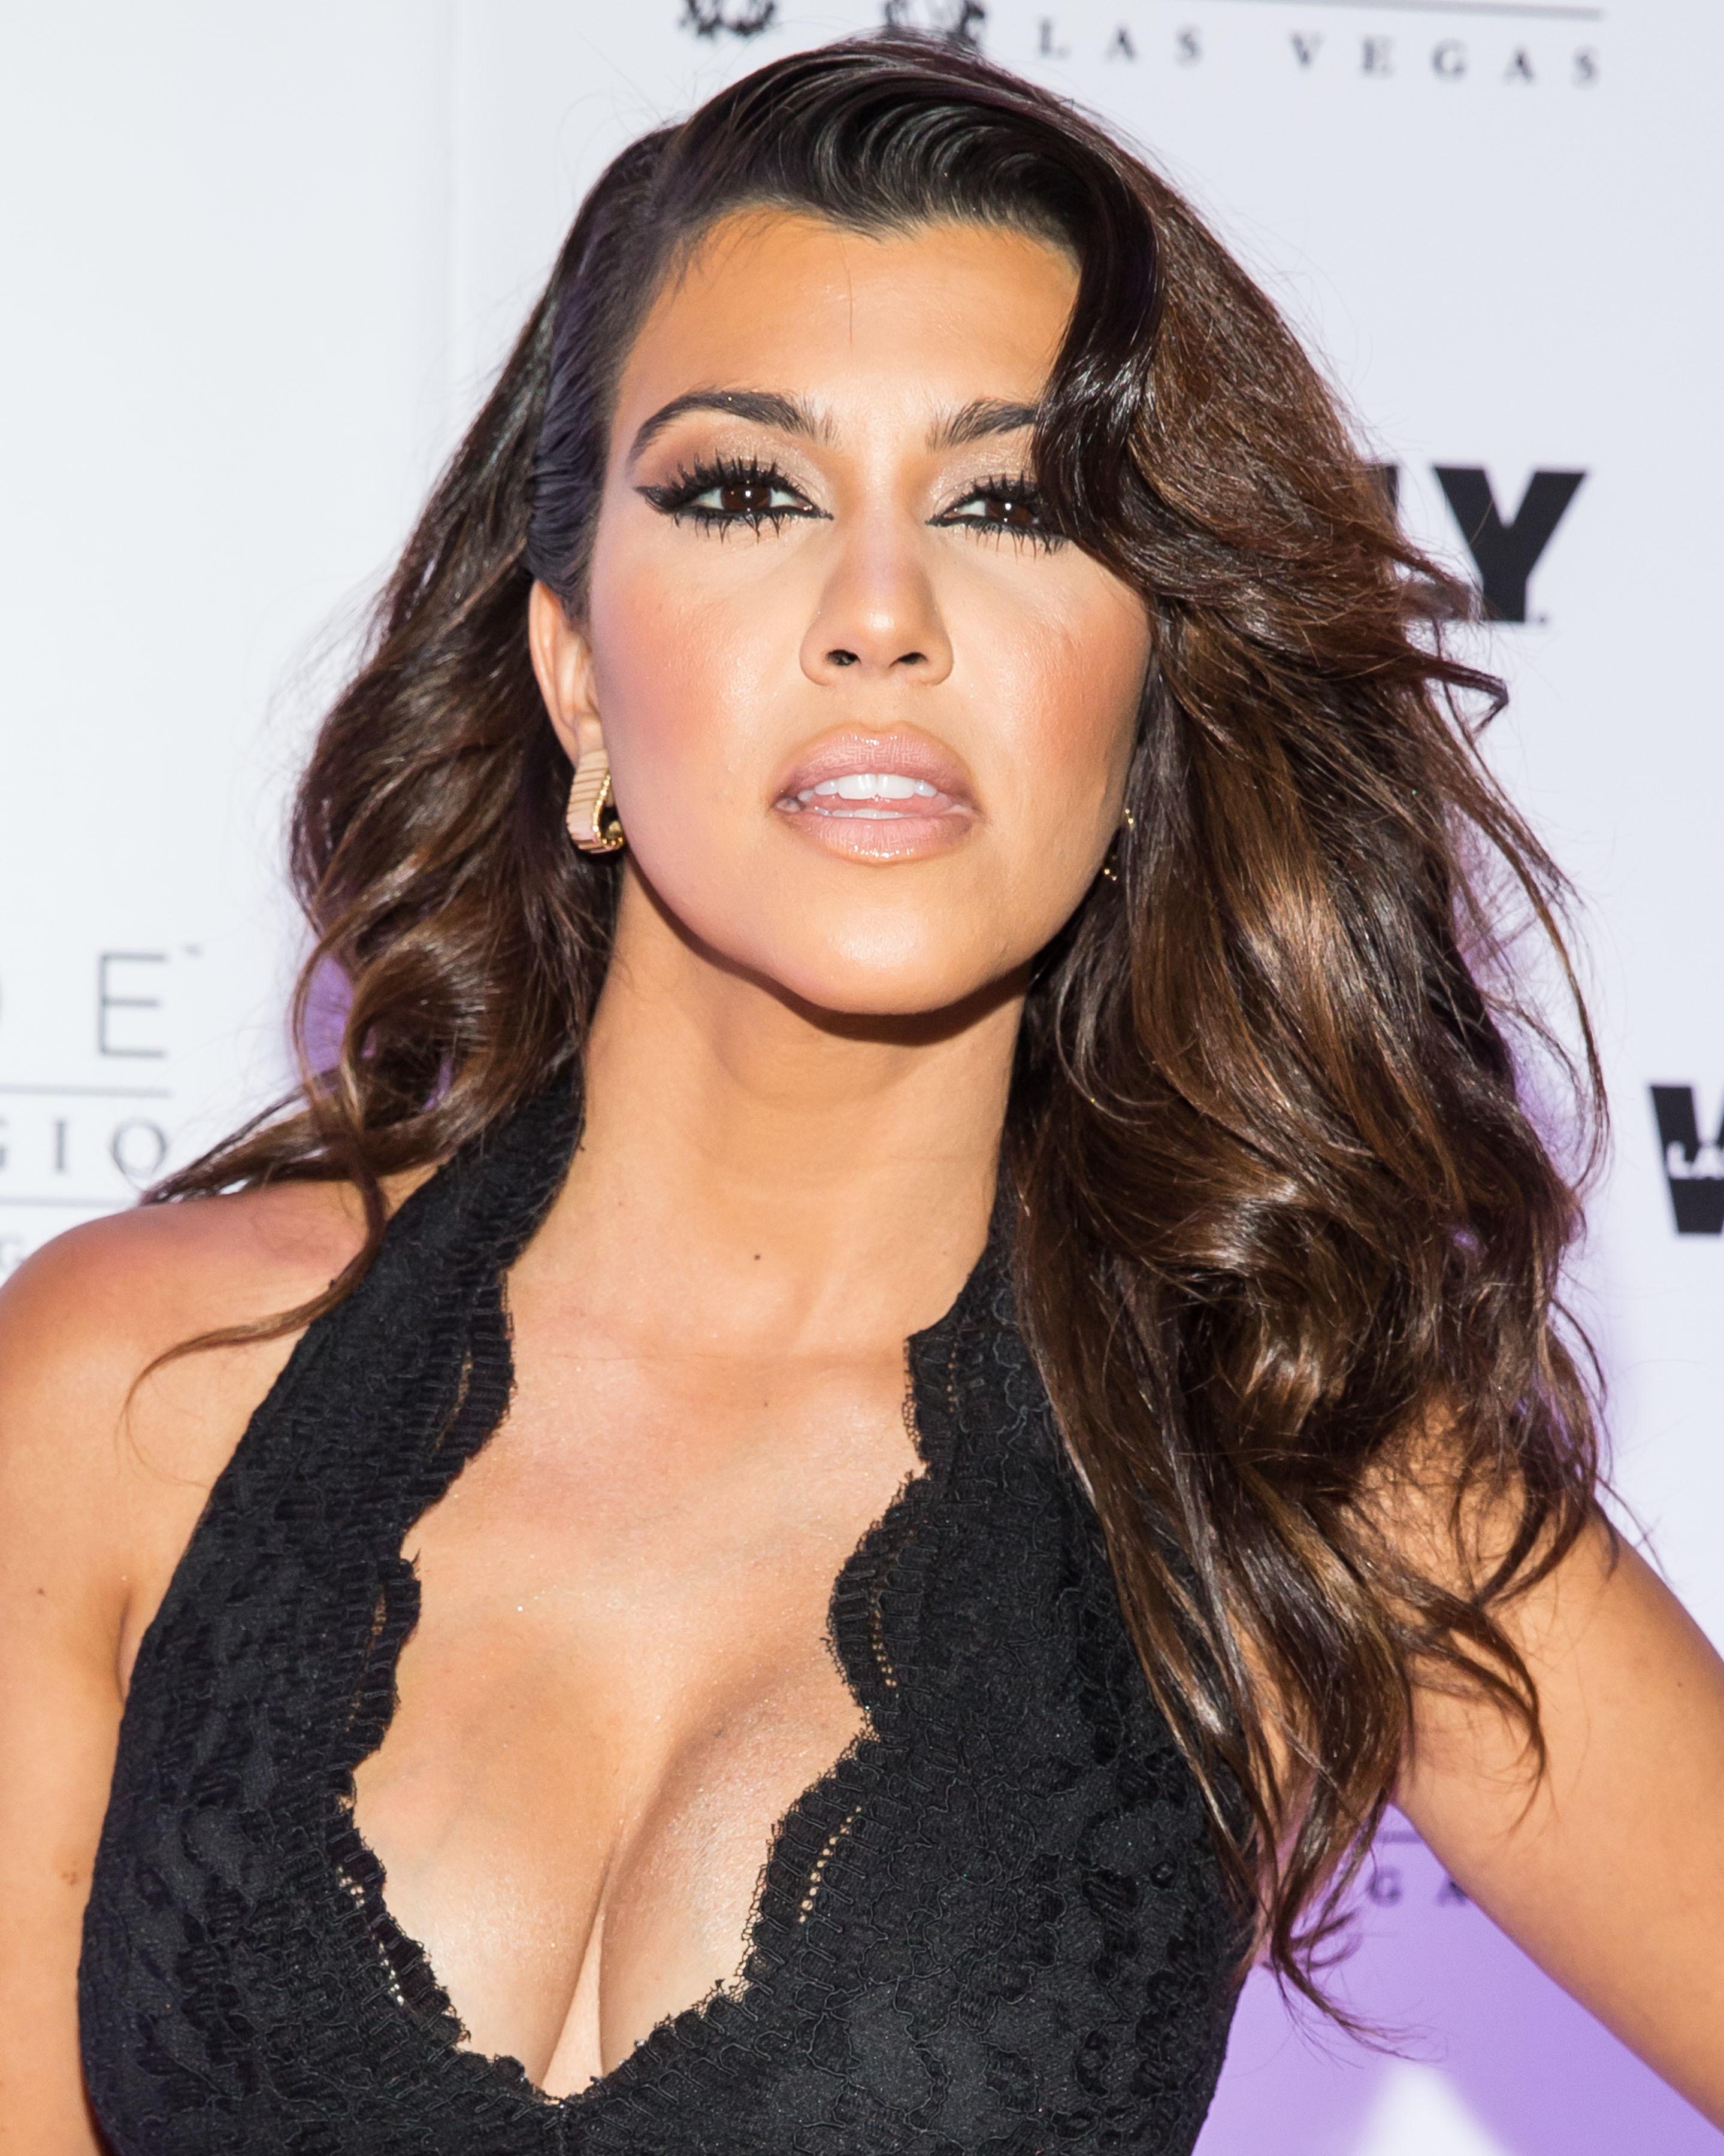 Kourtney Kardashians Style in Photos